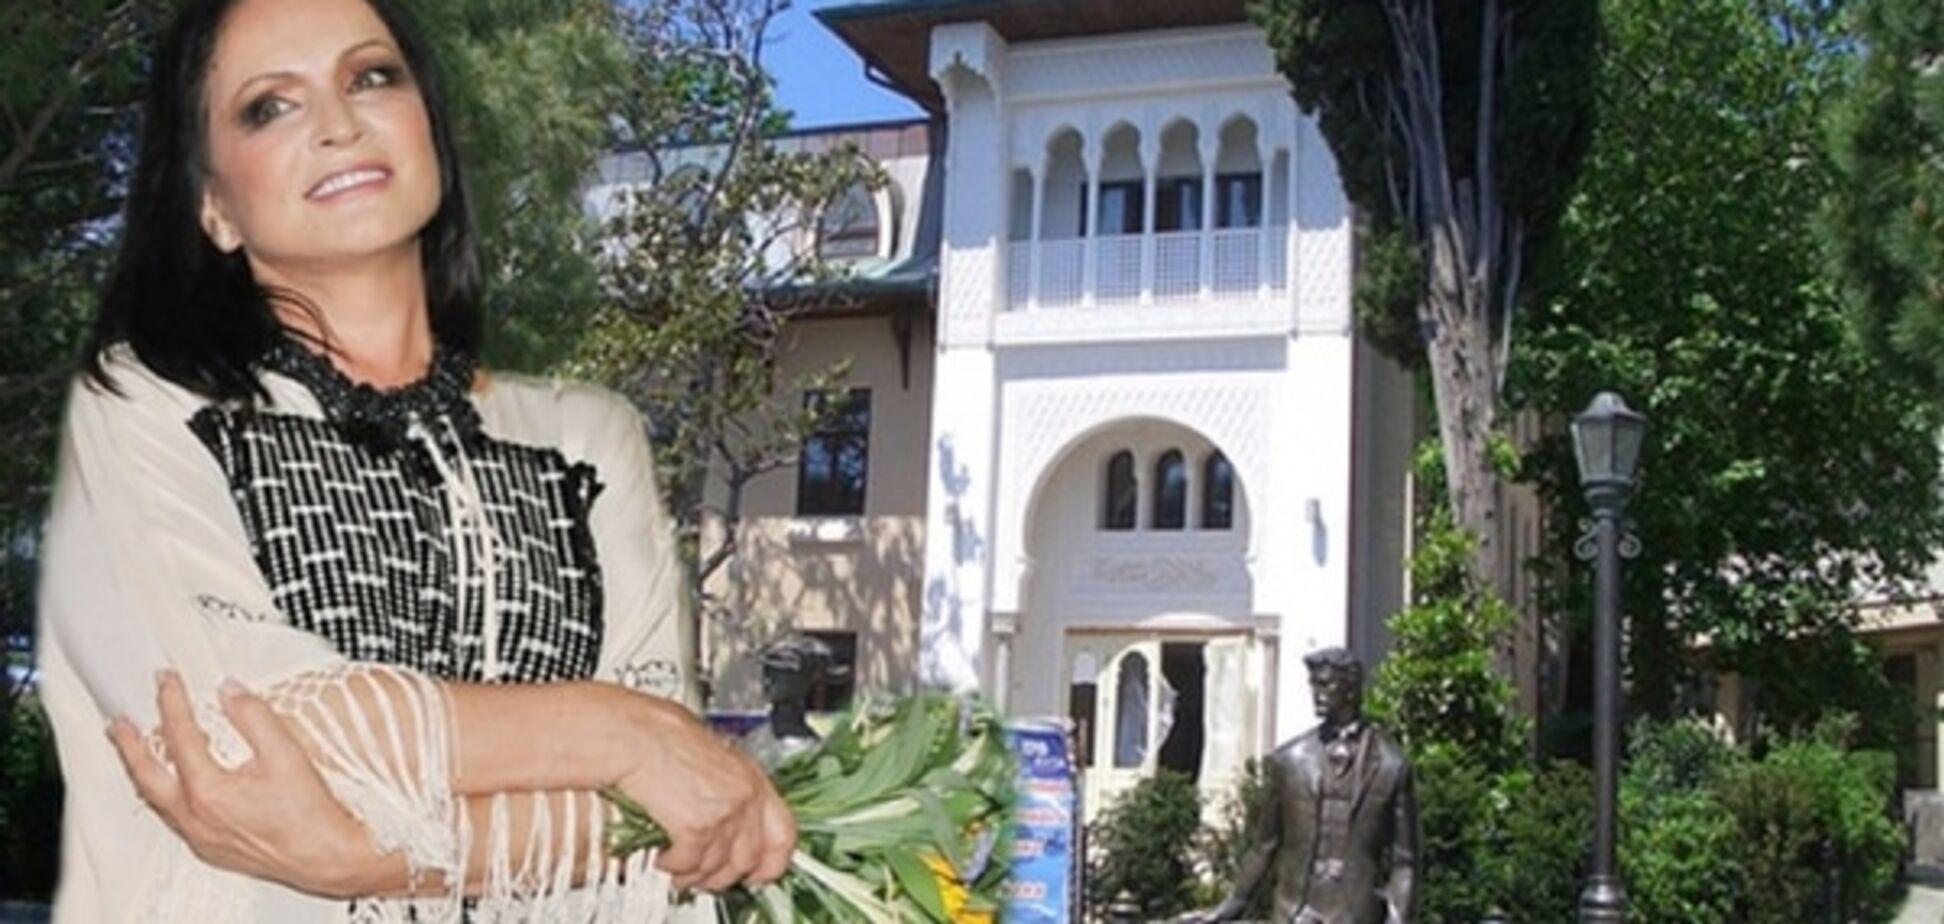 Гламурный отель Ротару пострадал от блокады Крыма: нечем кормить VIP-гостей